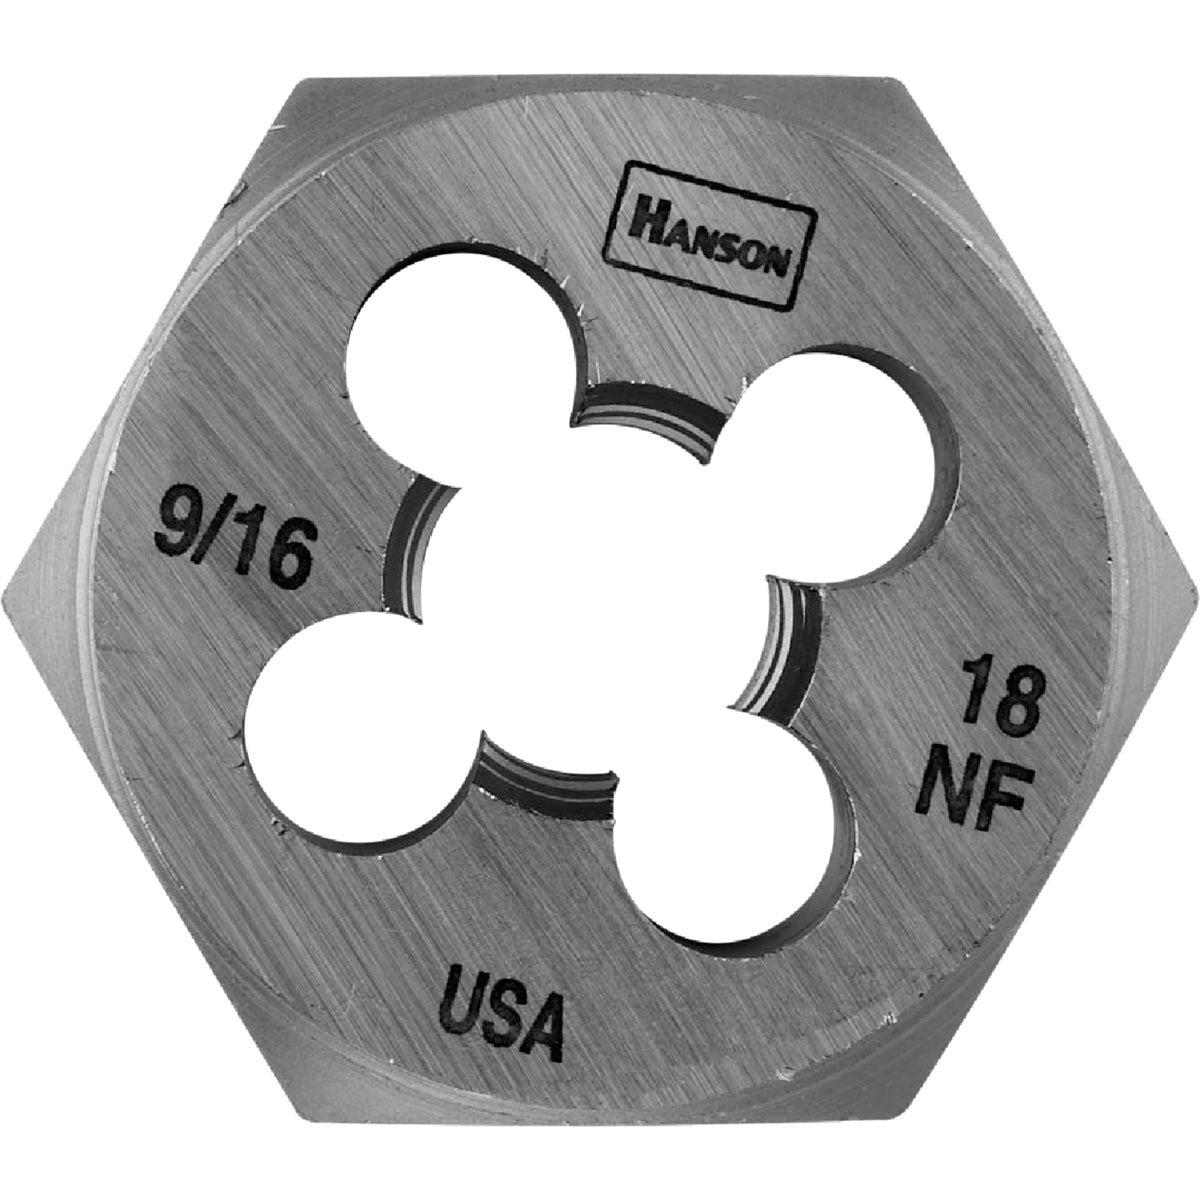 9/16X18 NF HEX DIE - 6849 by Irwin Industr Tool